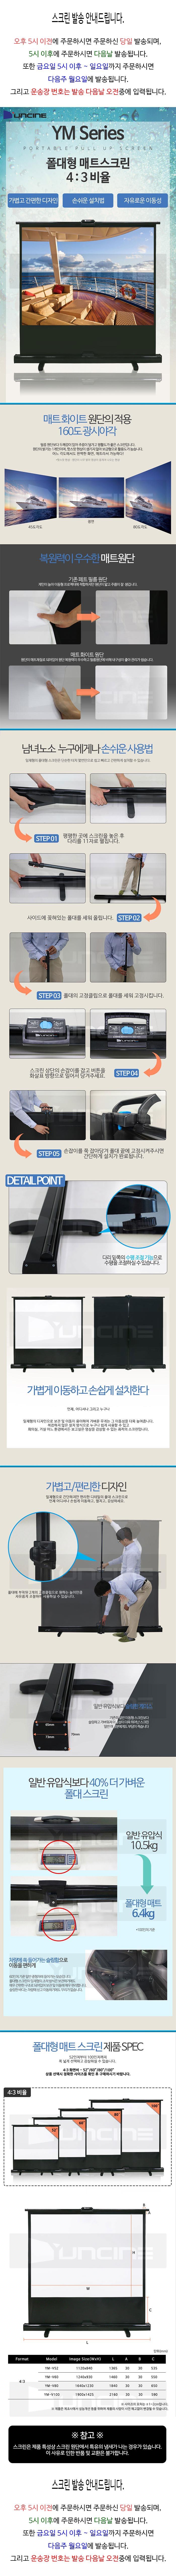 [T-SCREEN] 품질인증 Q마크 및 휴대용 스크린 특허 획득 이동형 스크린